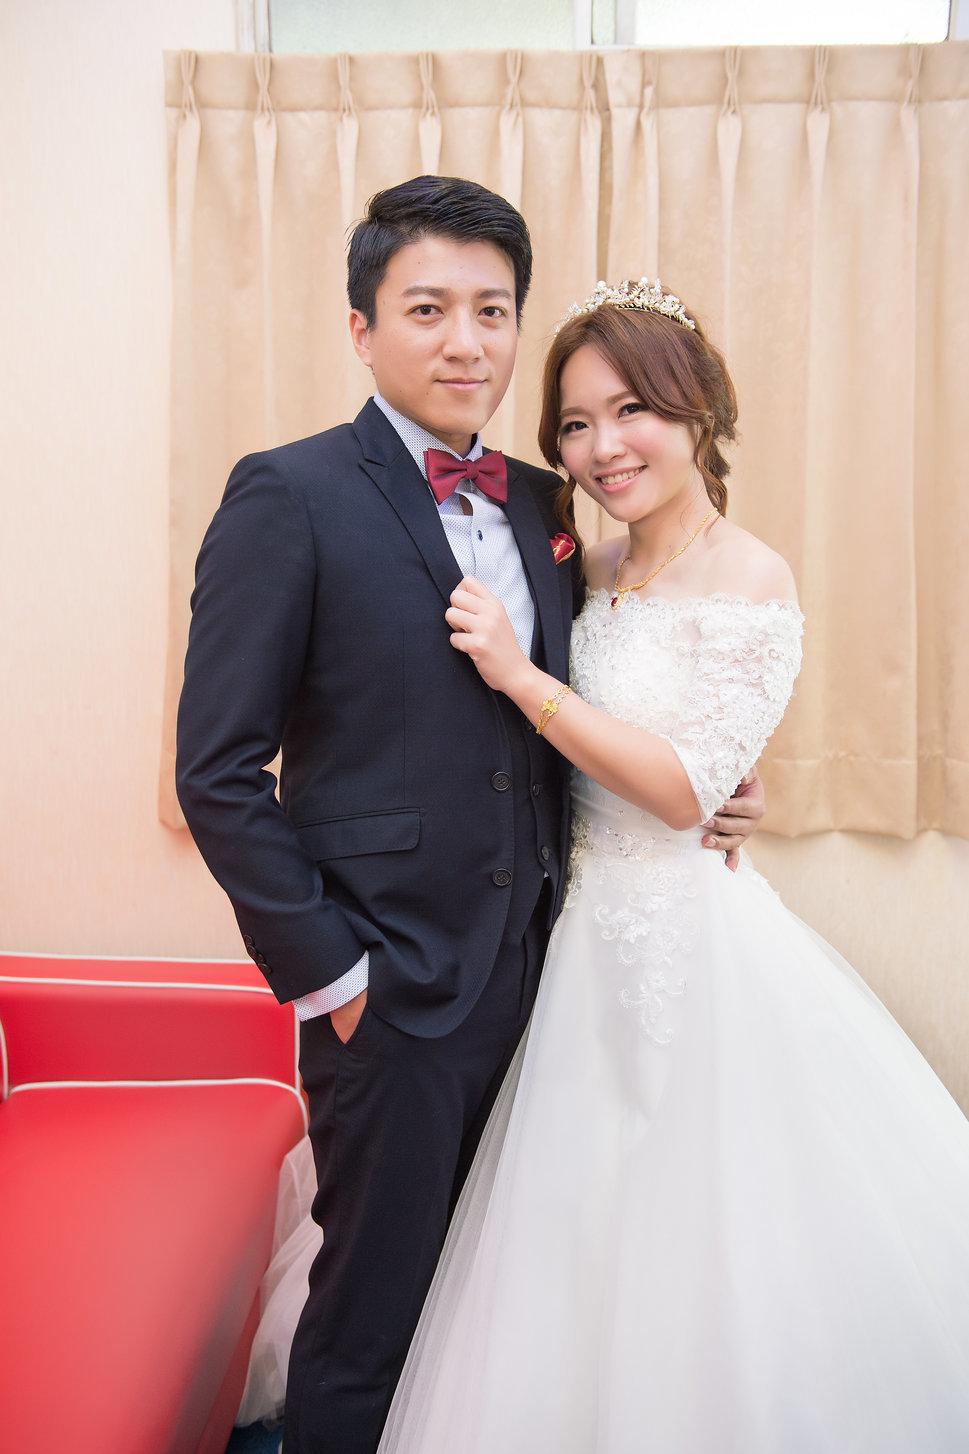 [婚禮紀錄] 結婚午宴@苗栗台灣水牛城(編號:432129) - LoveStoryAllen IMAGE - 結婚吧一站式婚禮服務平台